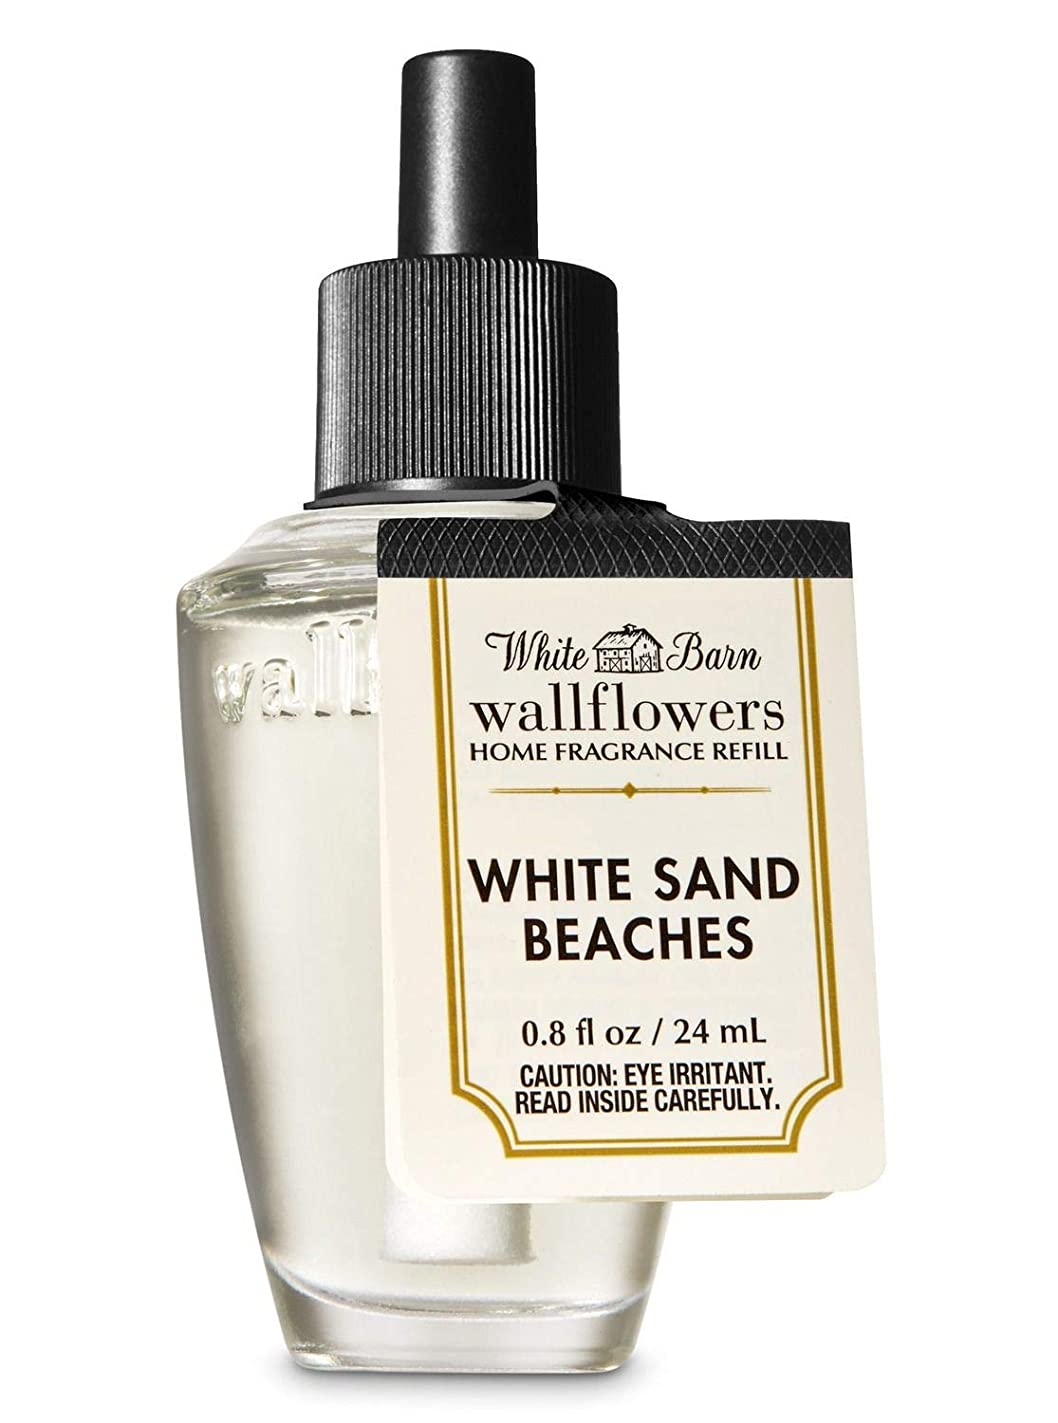 伝染性の慣らすスナック【Bath&Body Works/バス&ボディワークス】 ルームフレグランス 詰替えリフィル ホワイトサンドビーチ Wallflowers Home Fragrance Refill White Sand Beaches [並行輸入品]